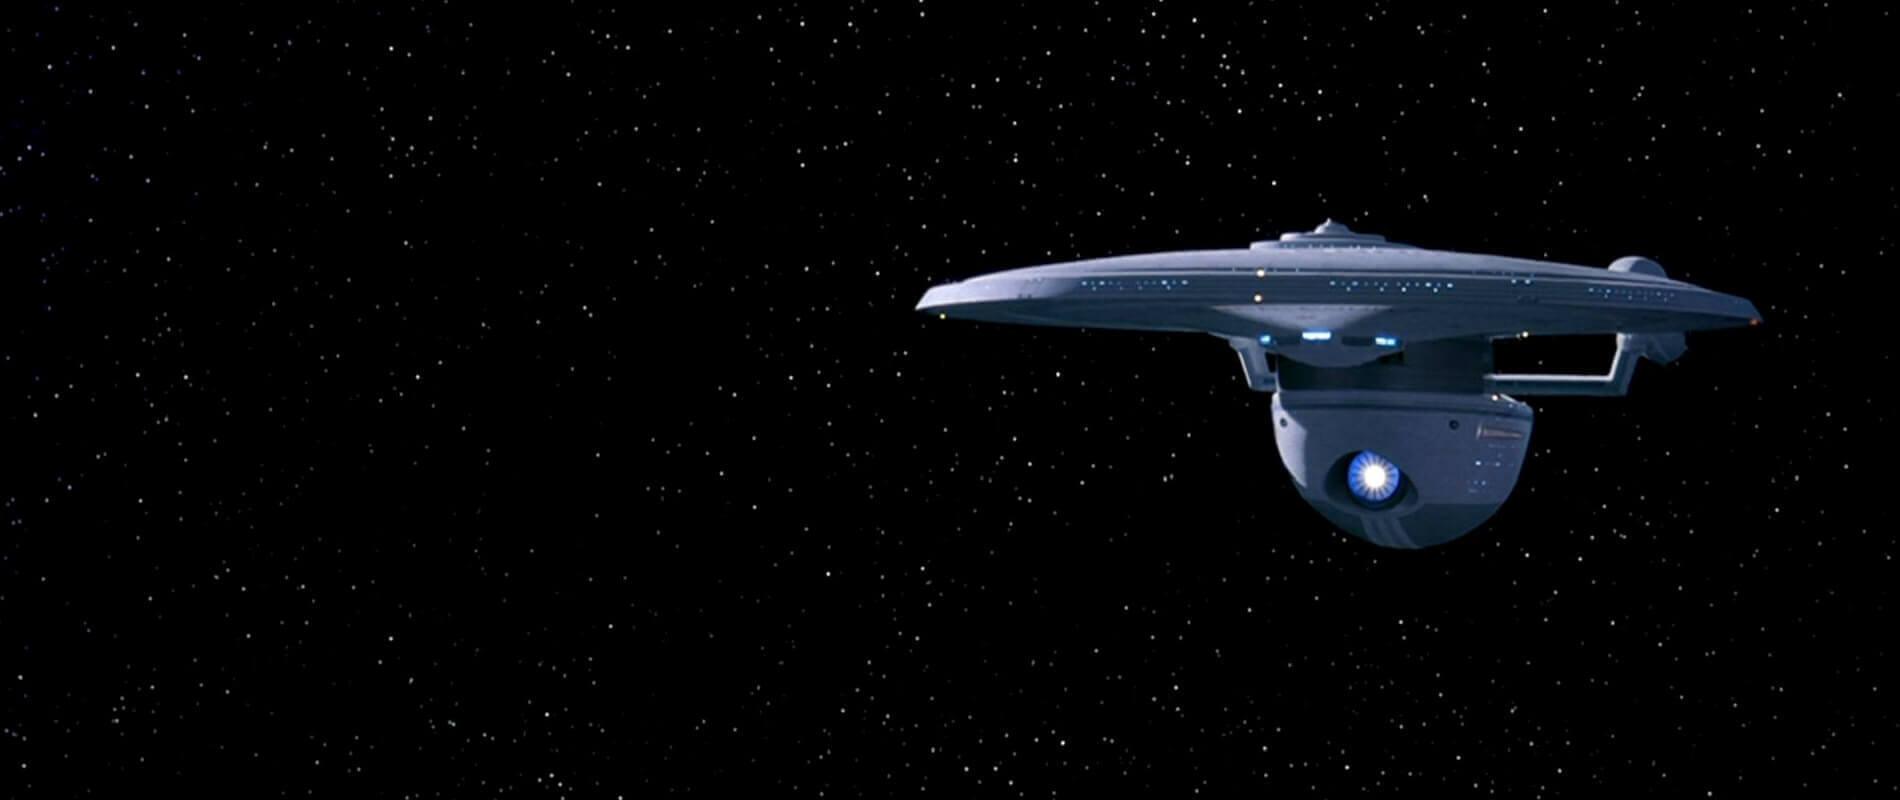 image showing star trek excelsior